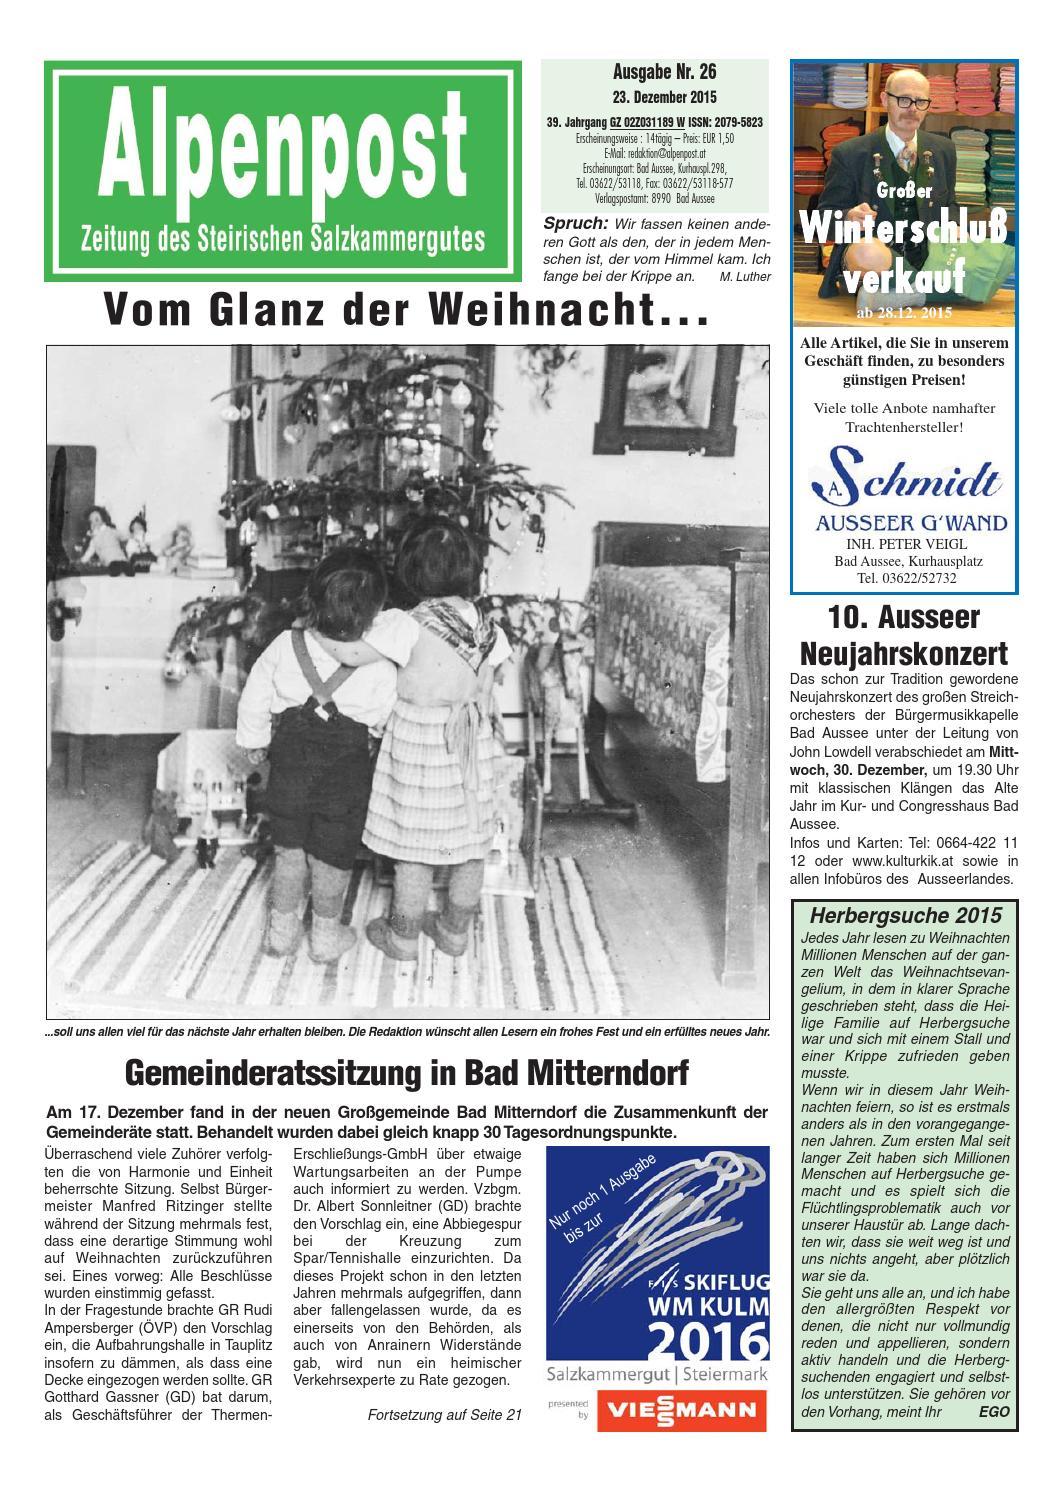 Bad mitterndorf singletreff ab 50 - Neue menschen kennenlernen in